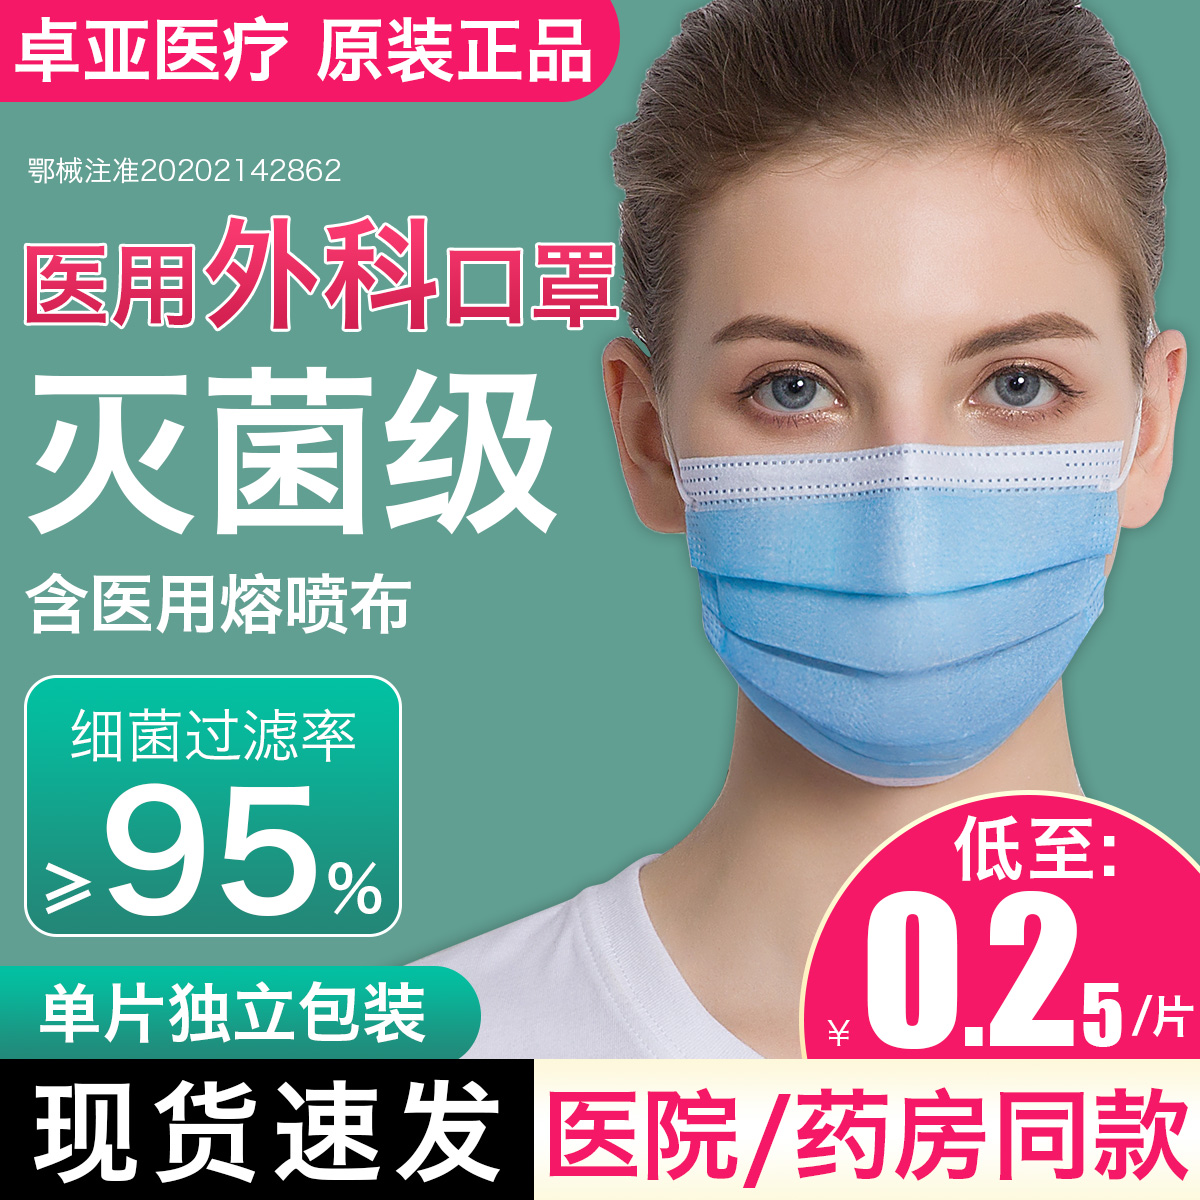 卓亚医疗医用外科口罩三层防护口罩